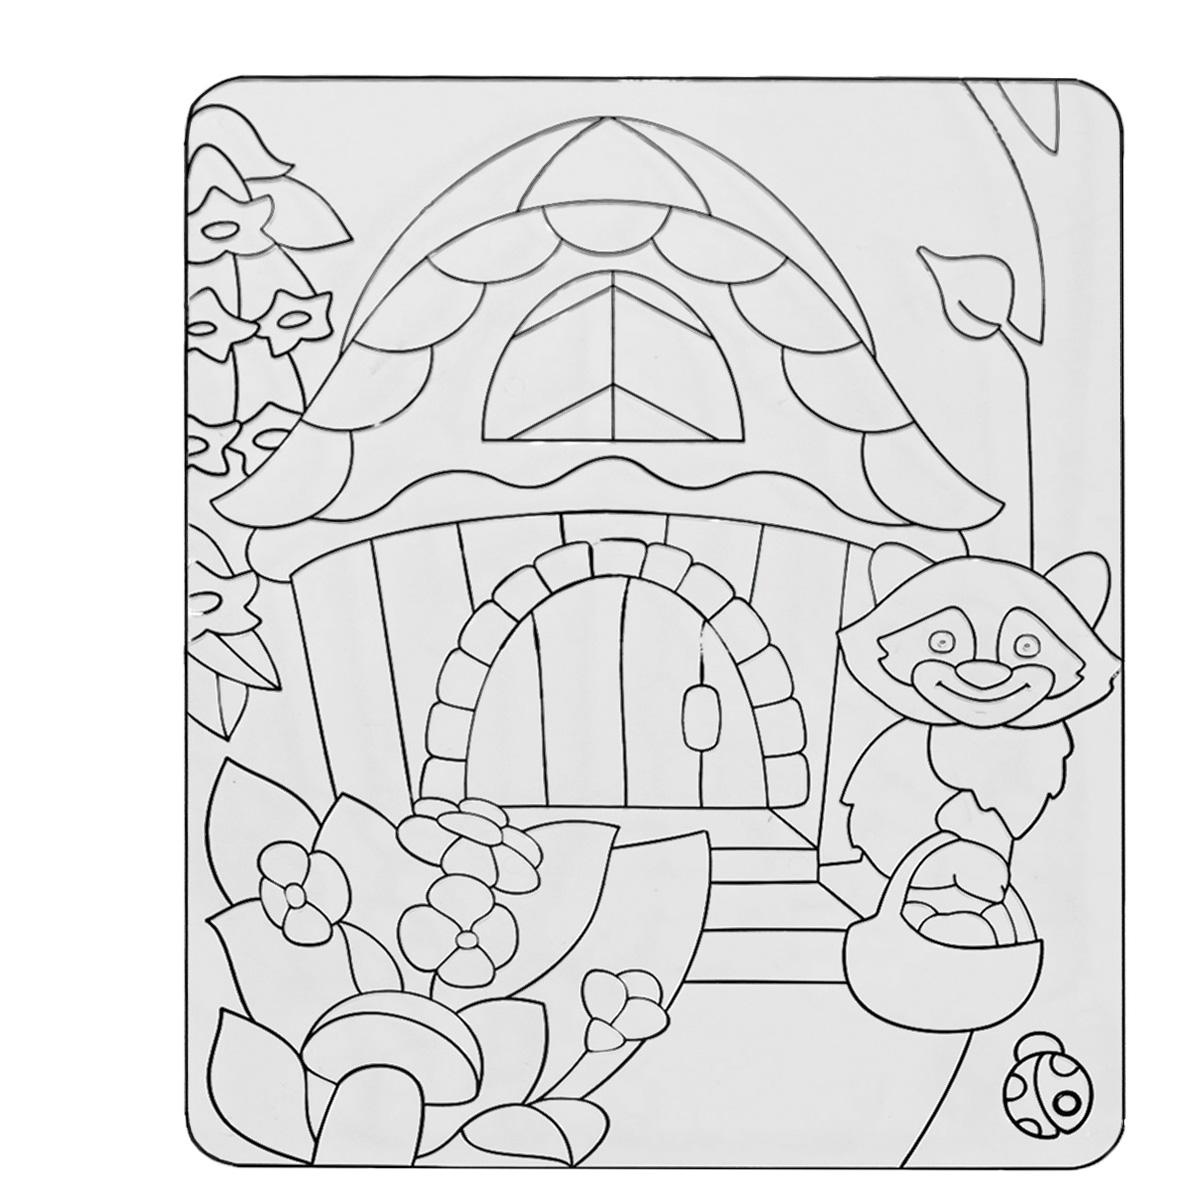 Трафарет витражный Луч Енотик22С 1407-08Трафарет витражный Луч Енотик, выполненный из безопасного пластика, предназначен для рисования краской по стеклу. Используя специальные витражные краски, ребенок раскрашивает эту заготовку по своему вкусу и получает оригинальную картину с милым енотом, которая может стать украшением комнаты. На верхней стороне трафарета есть пластиковое кольцо, за которое можно повесить картину. Трафареты предназначены для развития у детей мелкой моторики, навыков художественной композиции и зрительного восприятия. Может быть использован как рельефный трафарет для рисования.